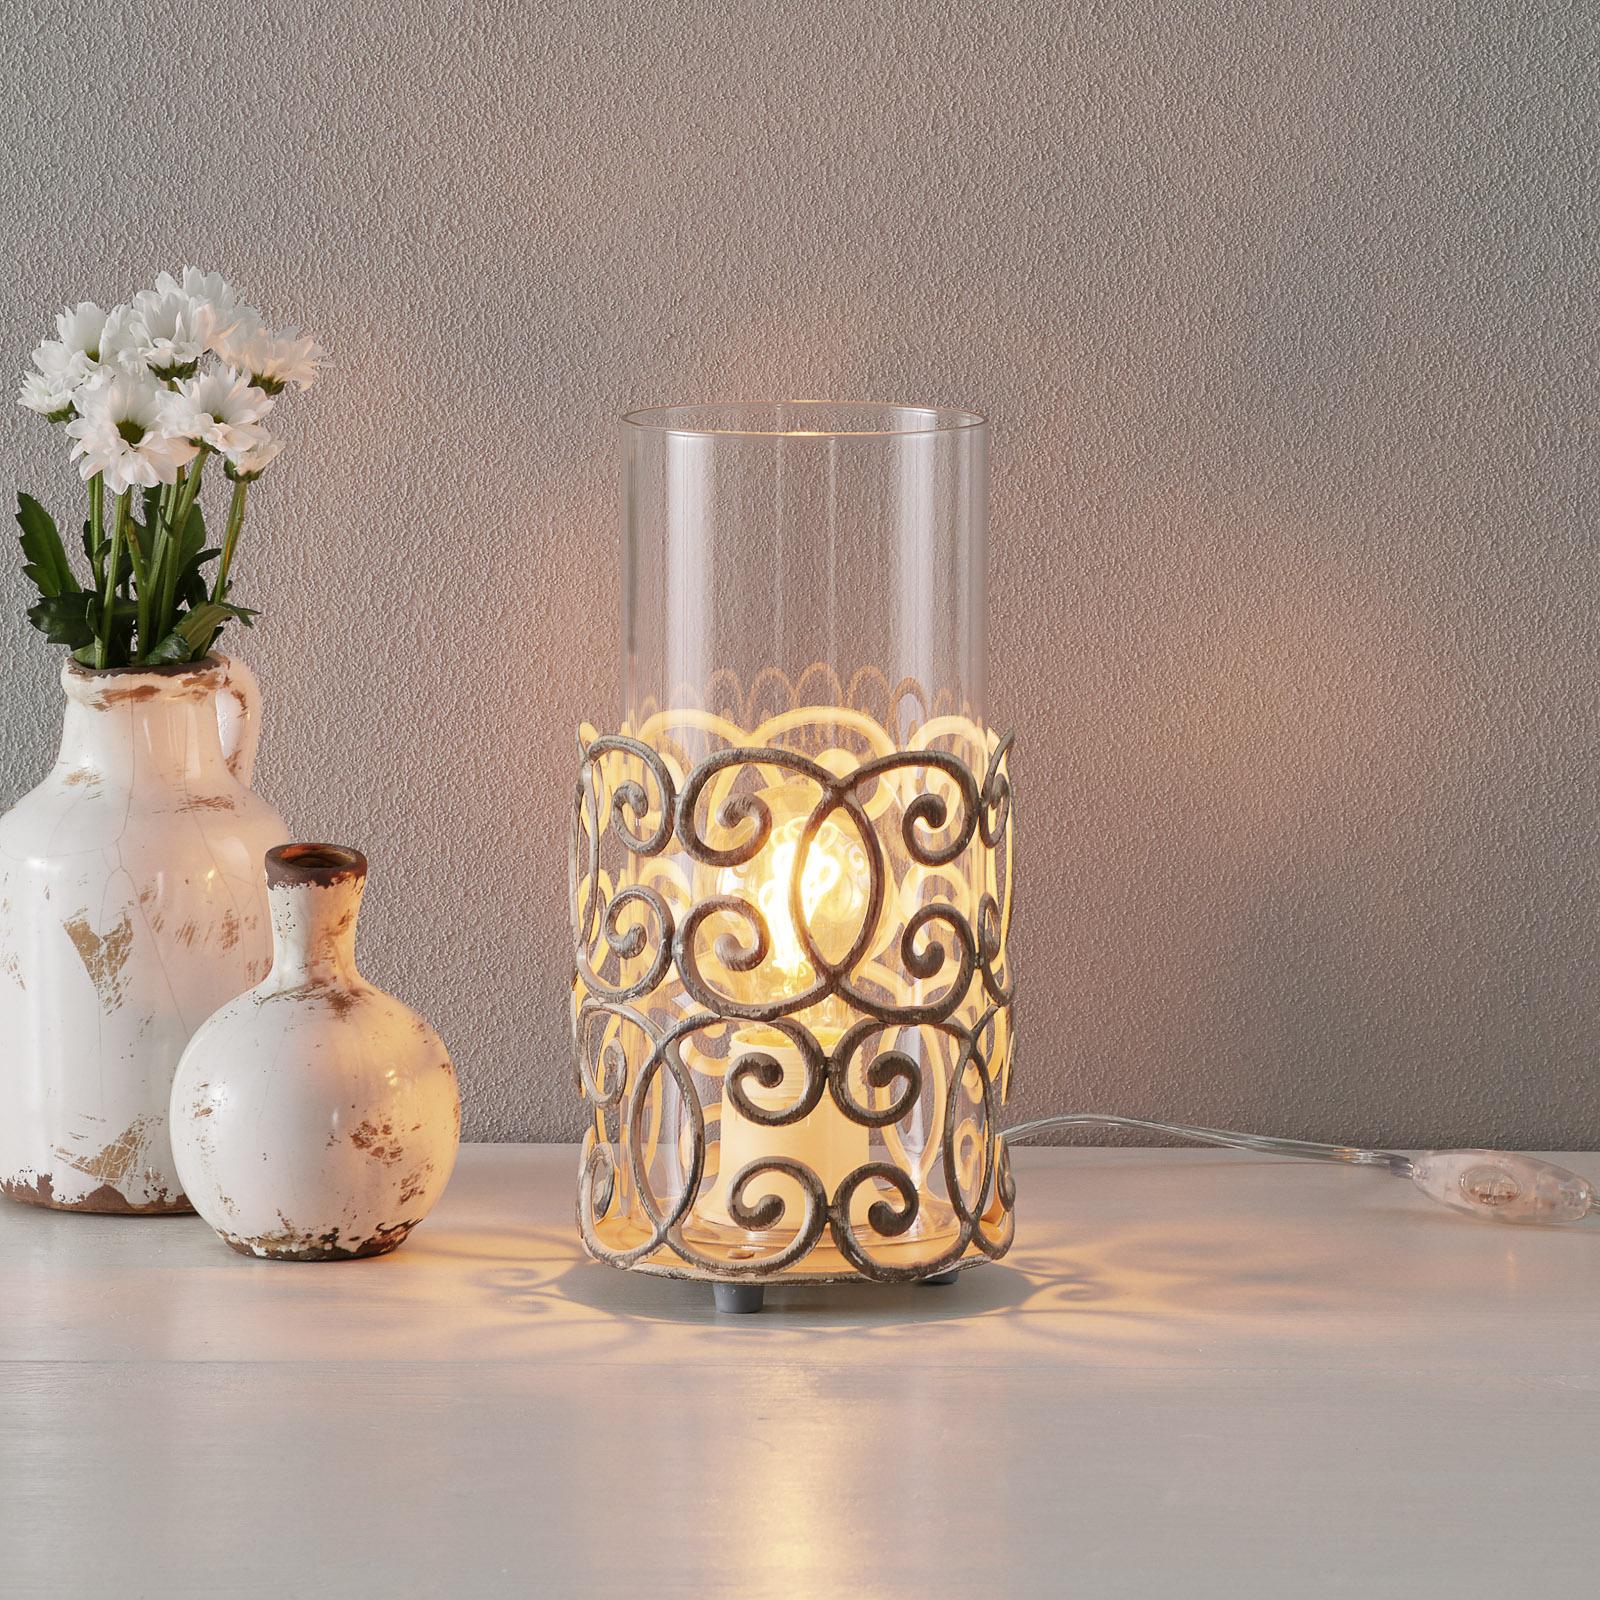 Stolná lampa Vintage_3031586_1